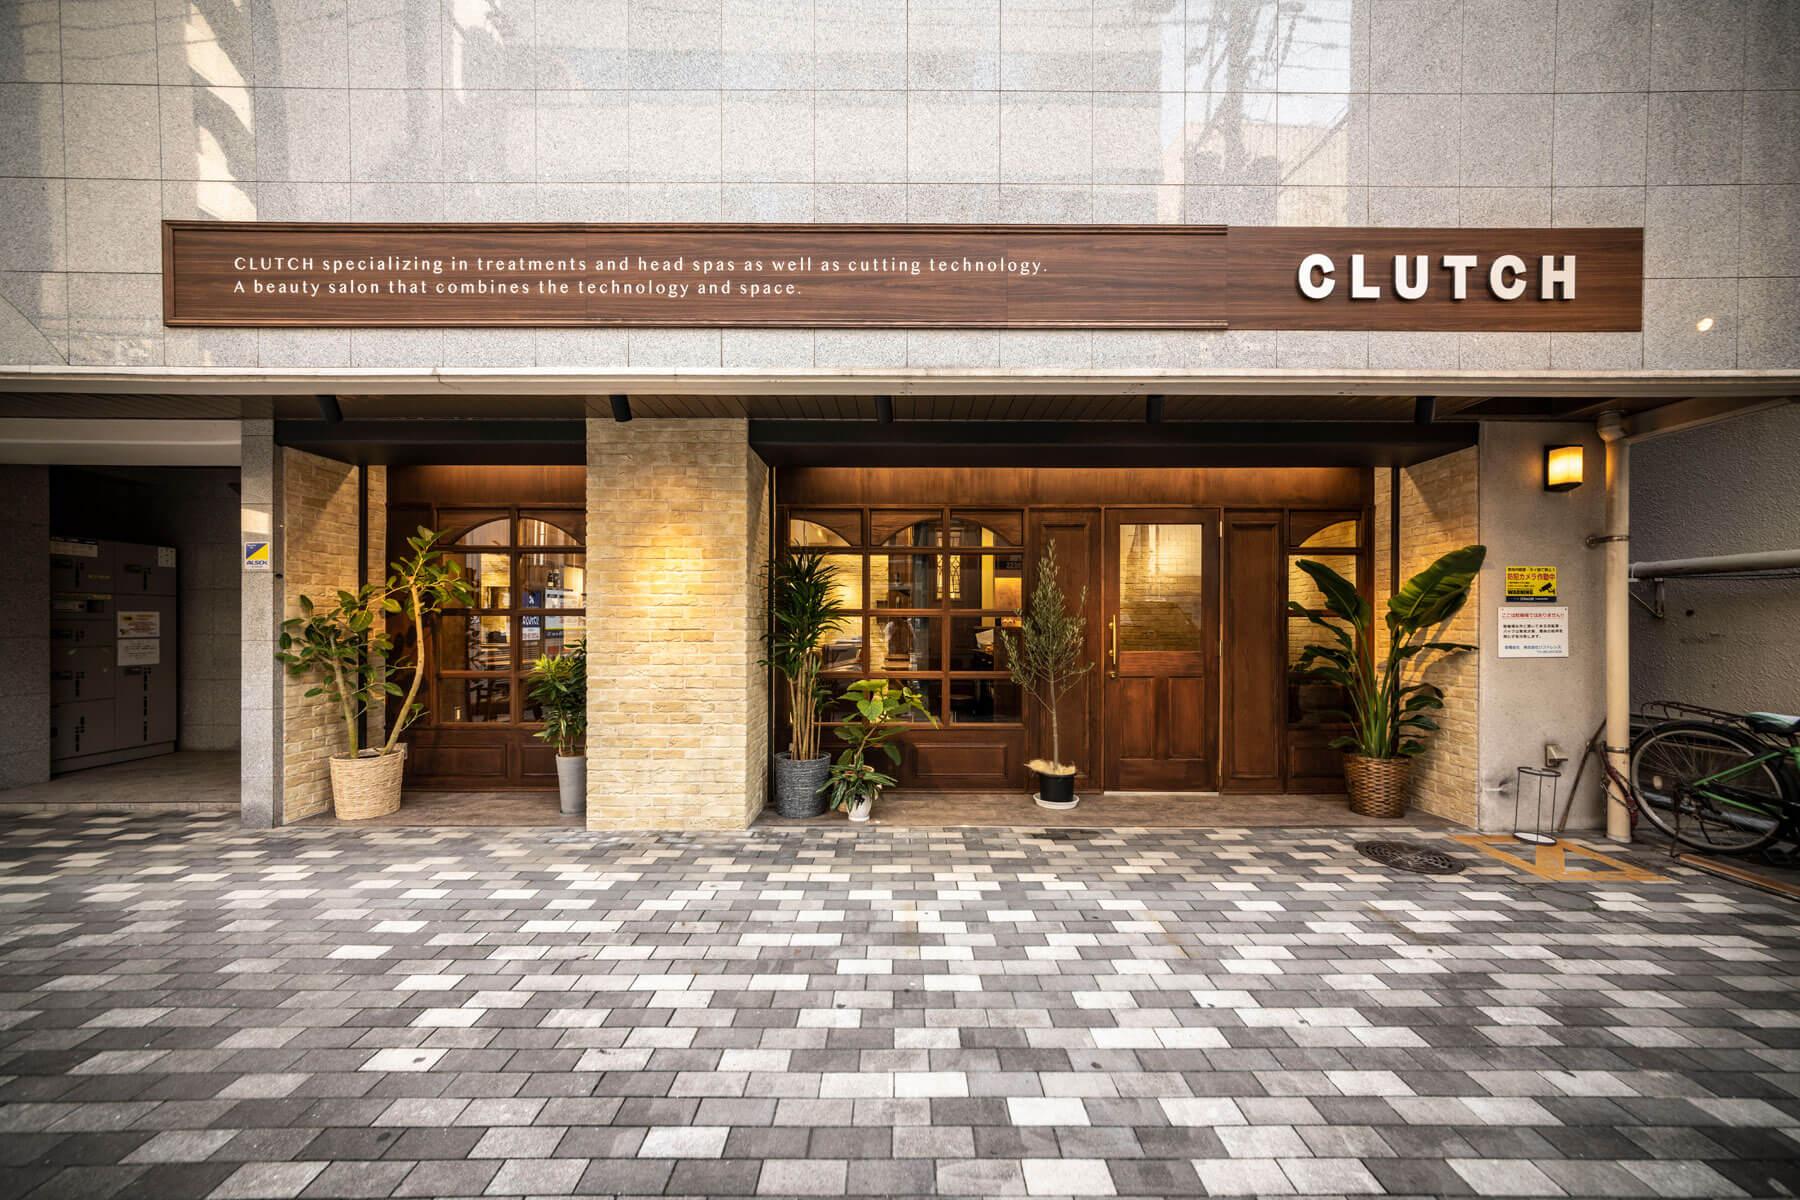 CLUTCH hakata/Fukuoka